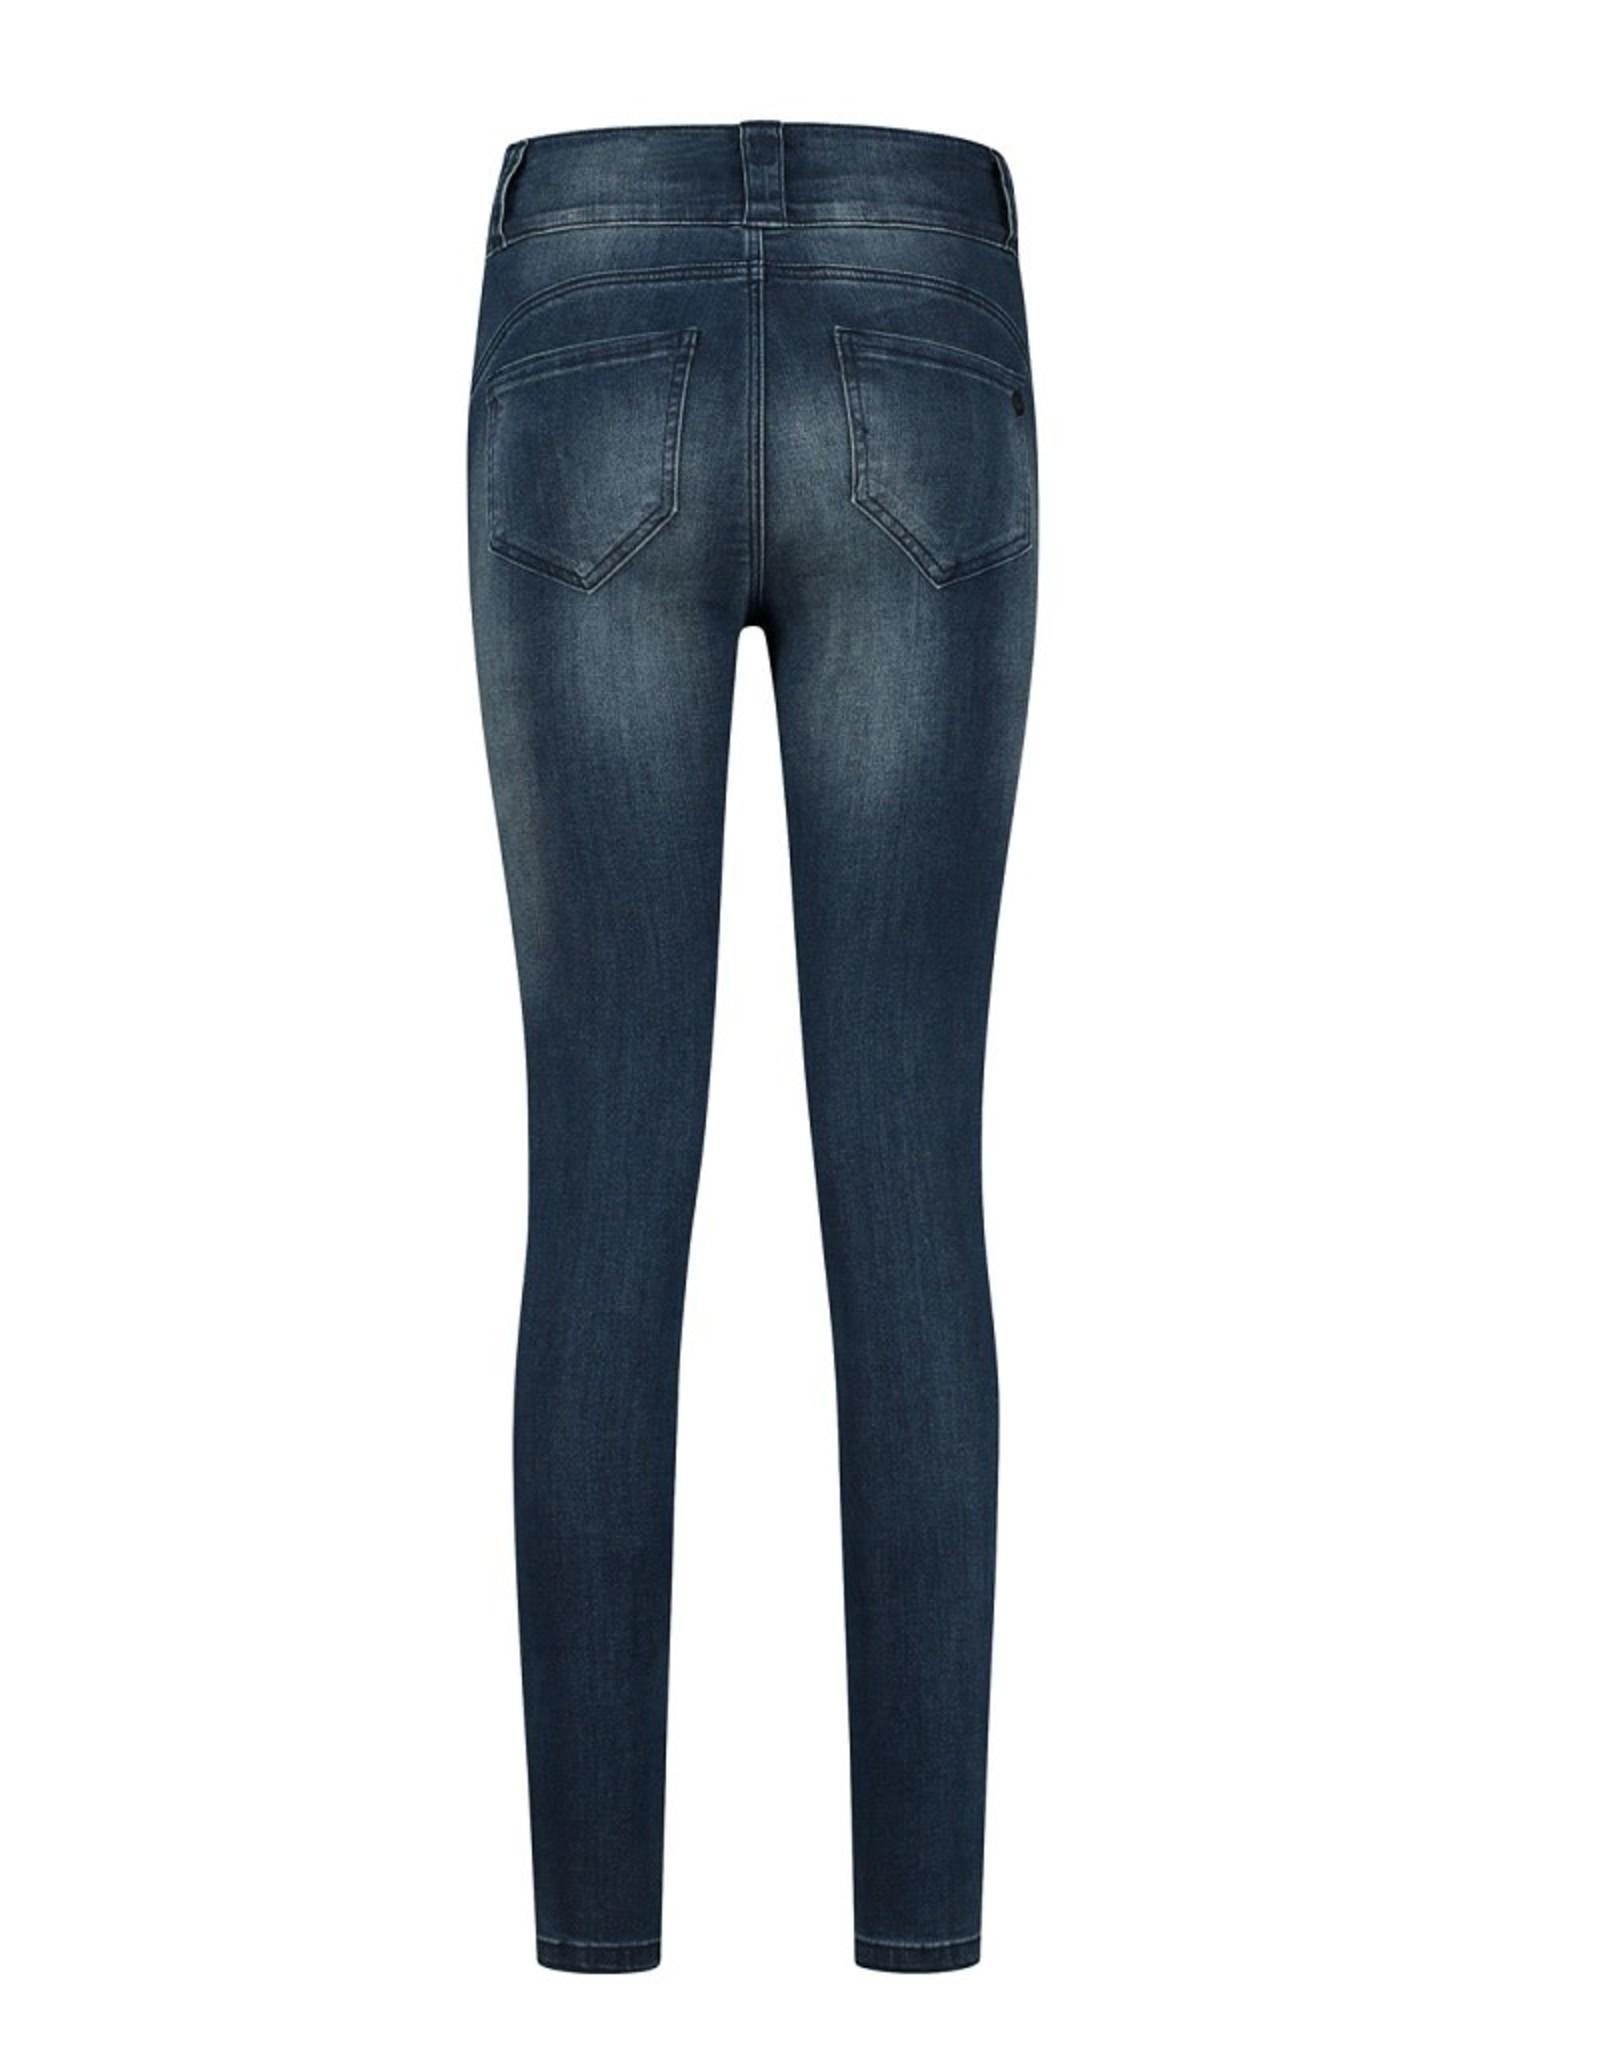 Florèz Florez jeans Bodine Zipper blue gold